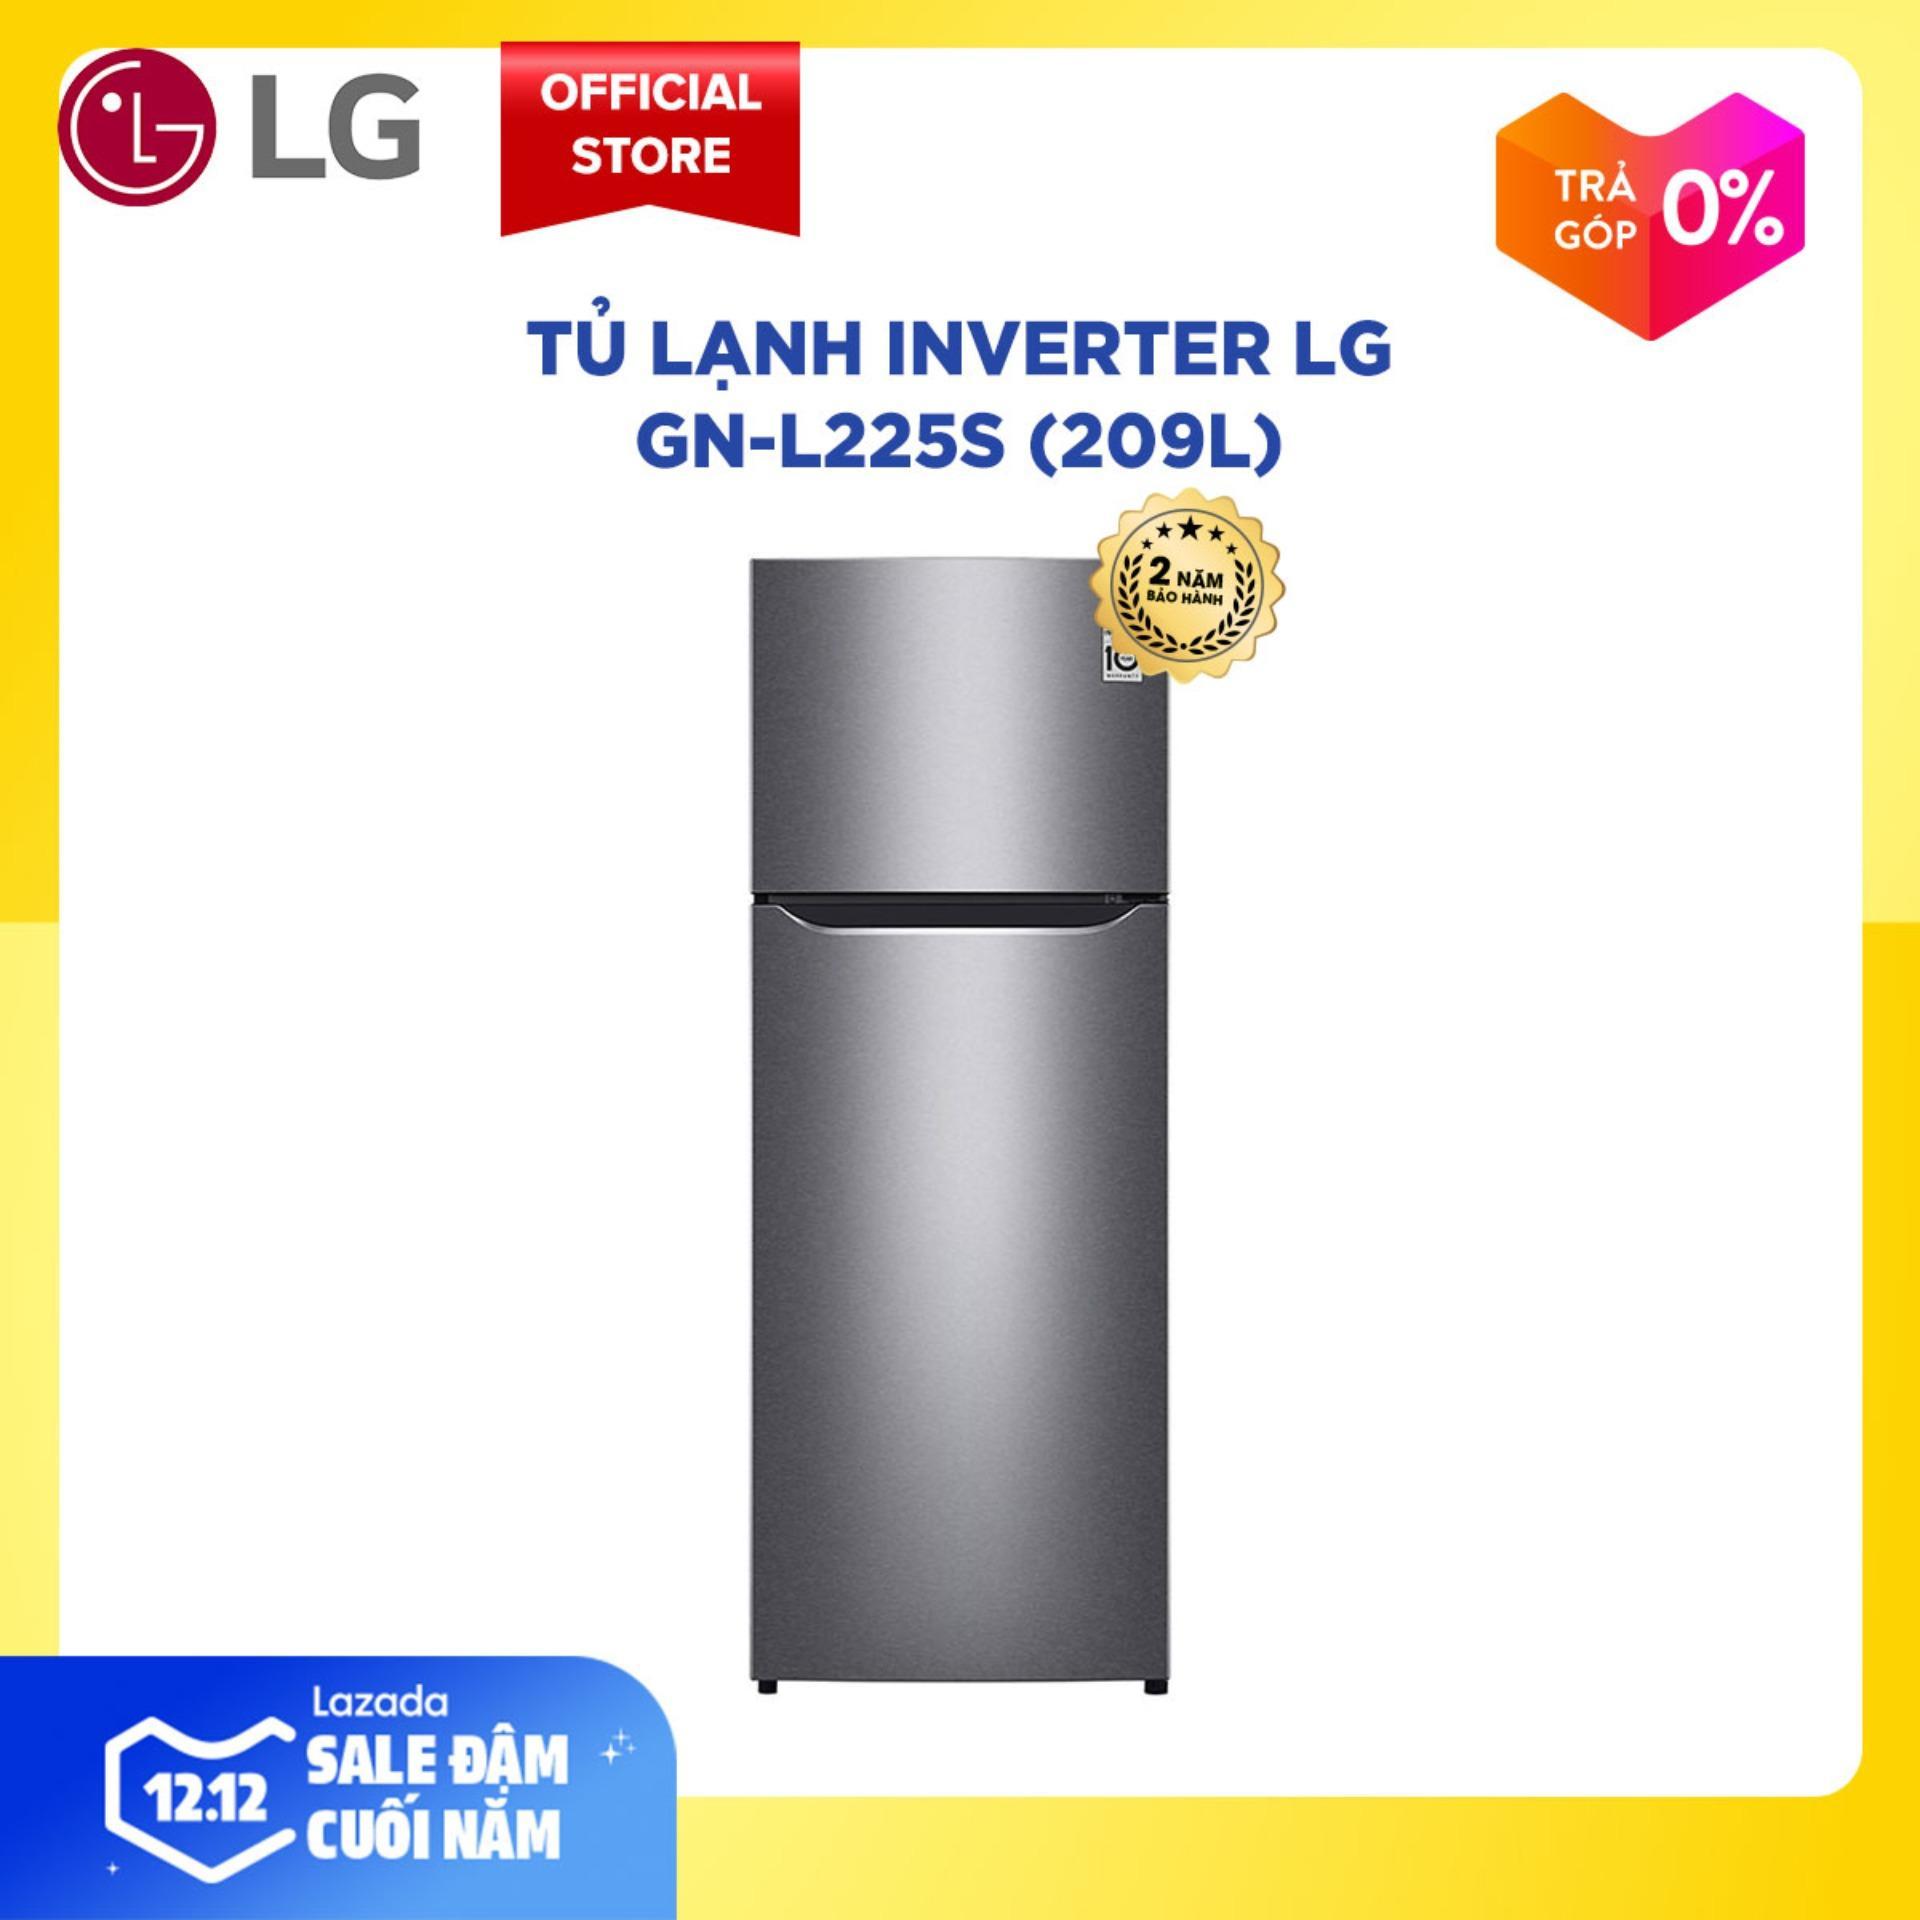 Offer Ưu Đãi Tủ Lạnh Inverter LG GN-L225S 209L (Xám) - Bảo Hành 2 Năm - Hàng Phân Phối Chính Hãng, Tiết Kiệm Điện, Hệ Thống Khí Lạnh đa Chiều, Khử Mùi Nano Carbon